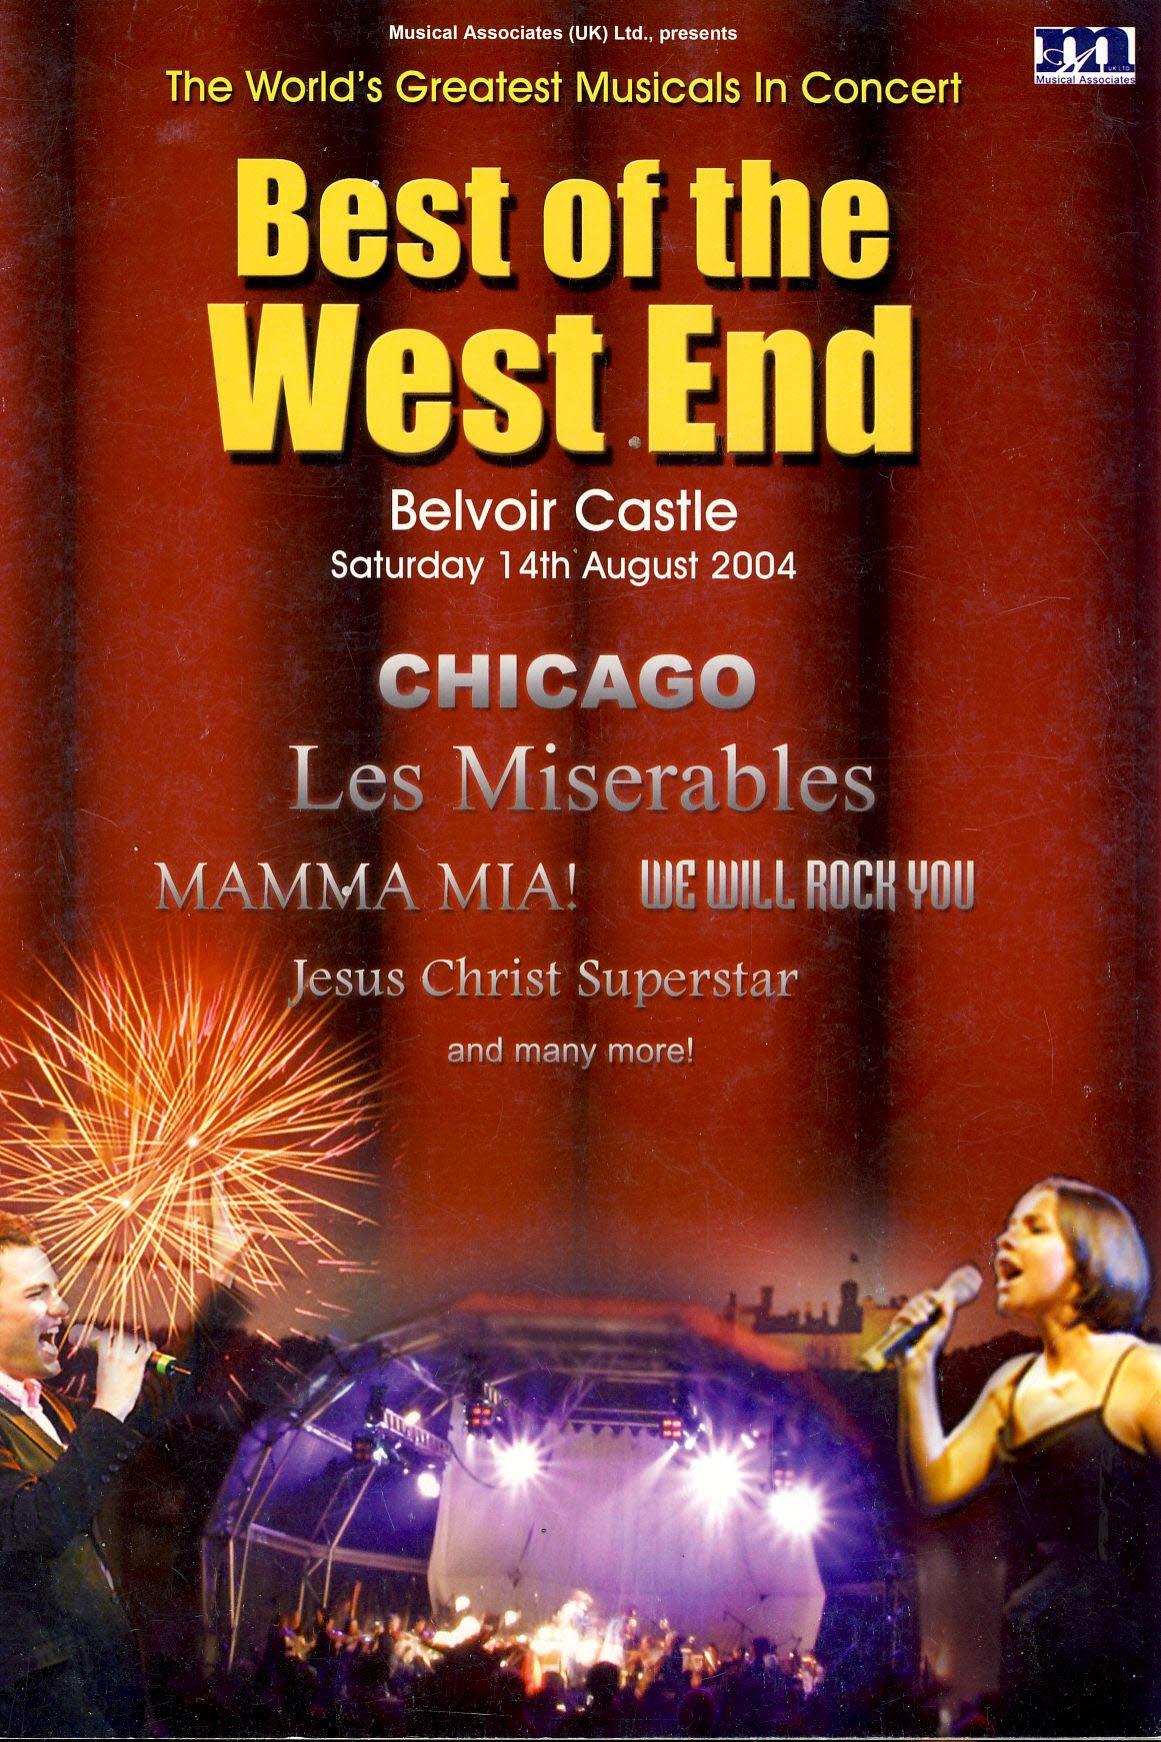 Best of the West End 2004 Belvoir Castle Souvenir Programme CHICAGO